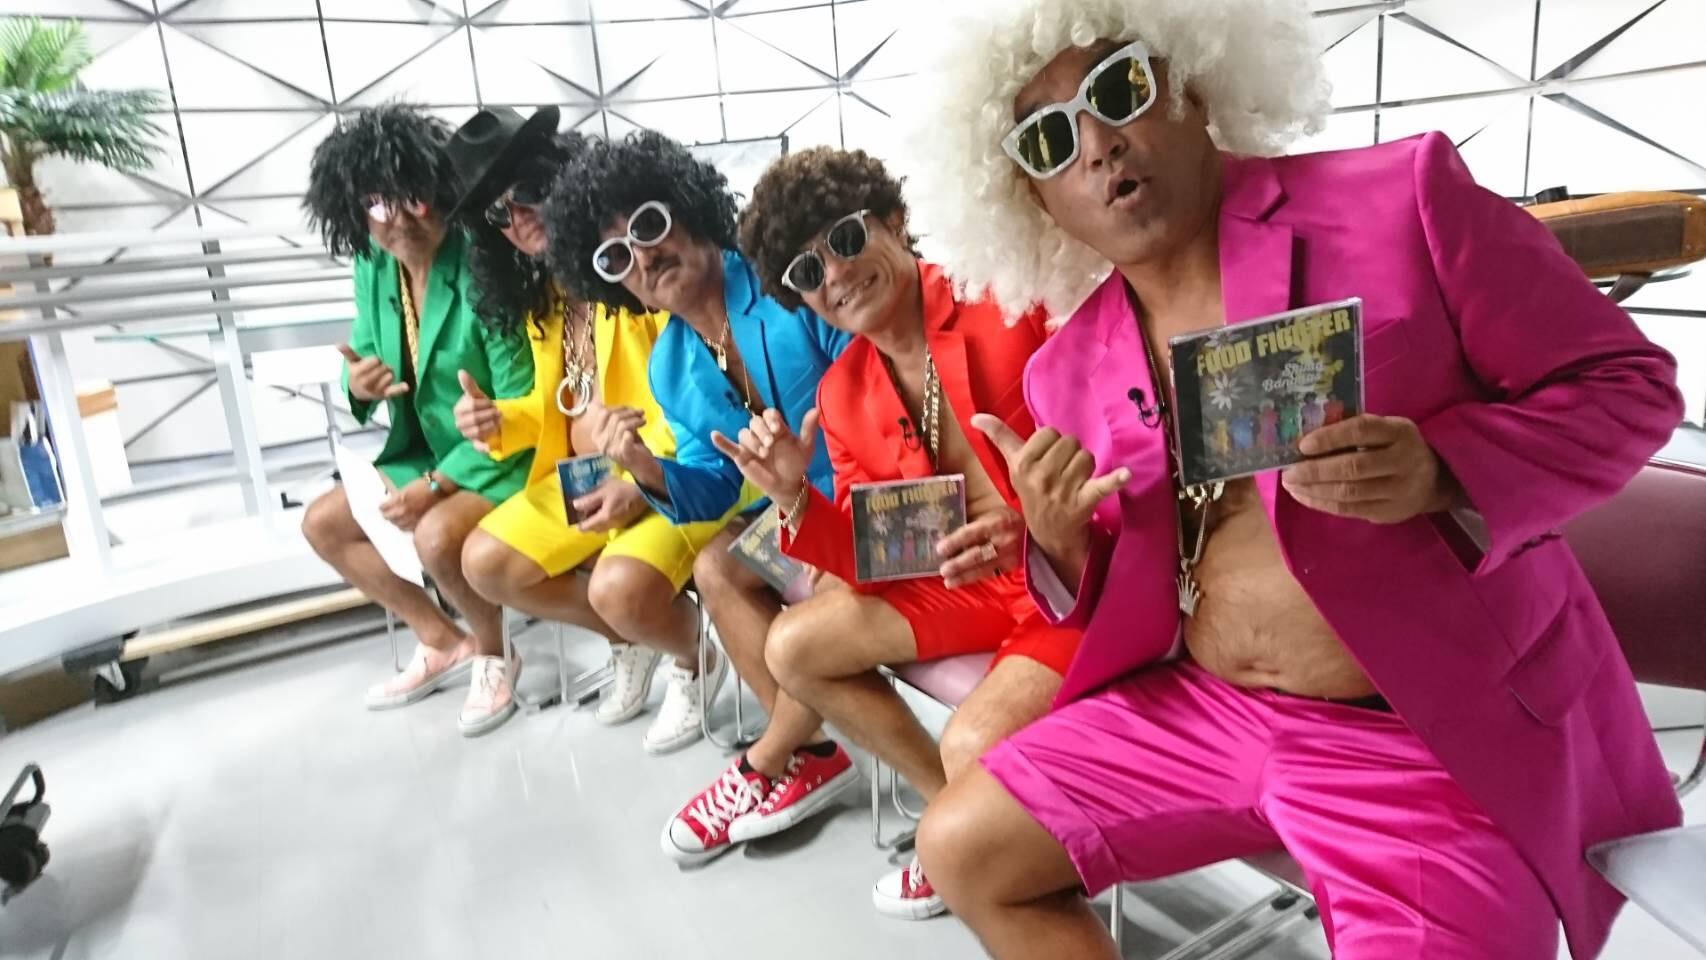 沖縄のサーフィン界からスター?!アイドル?!誕生?!